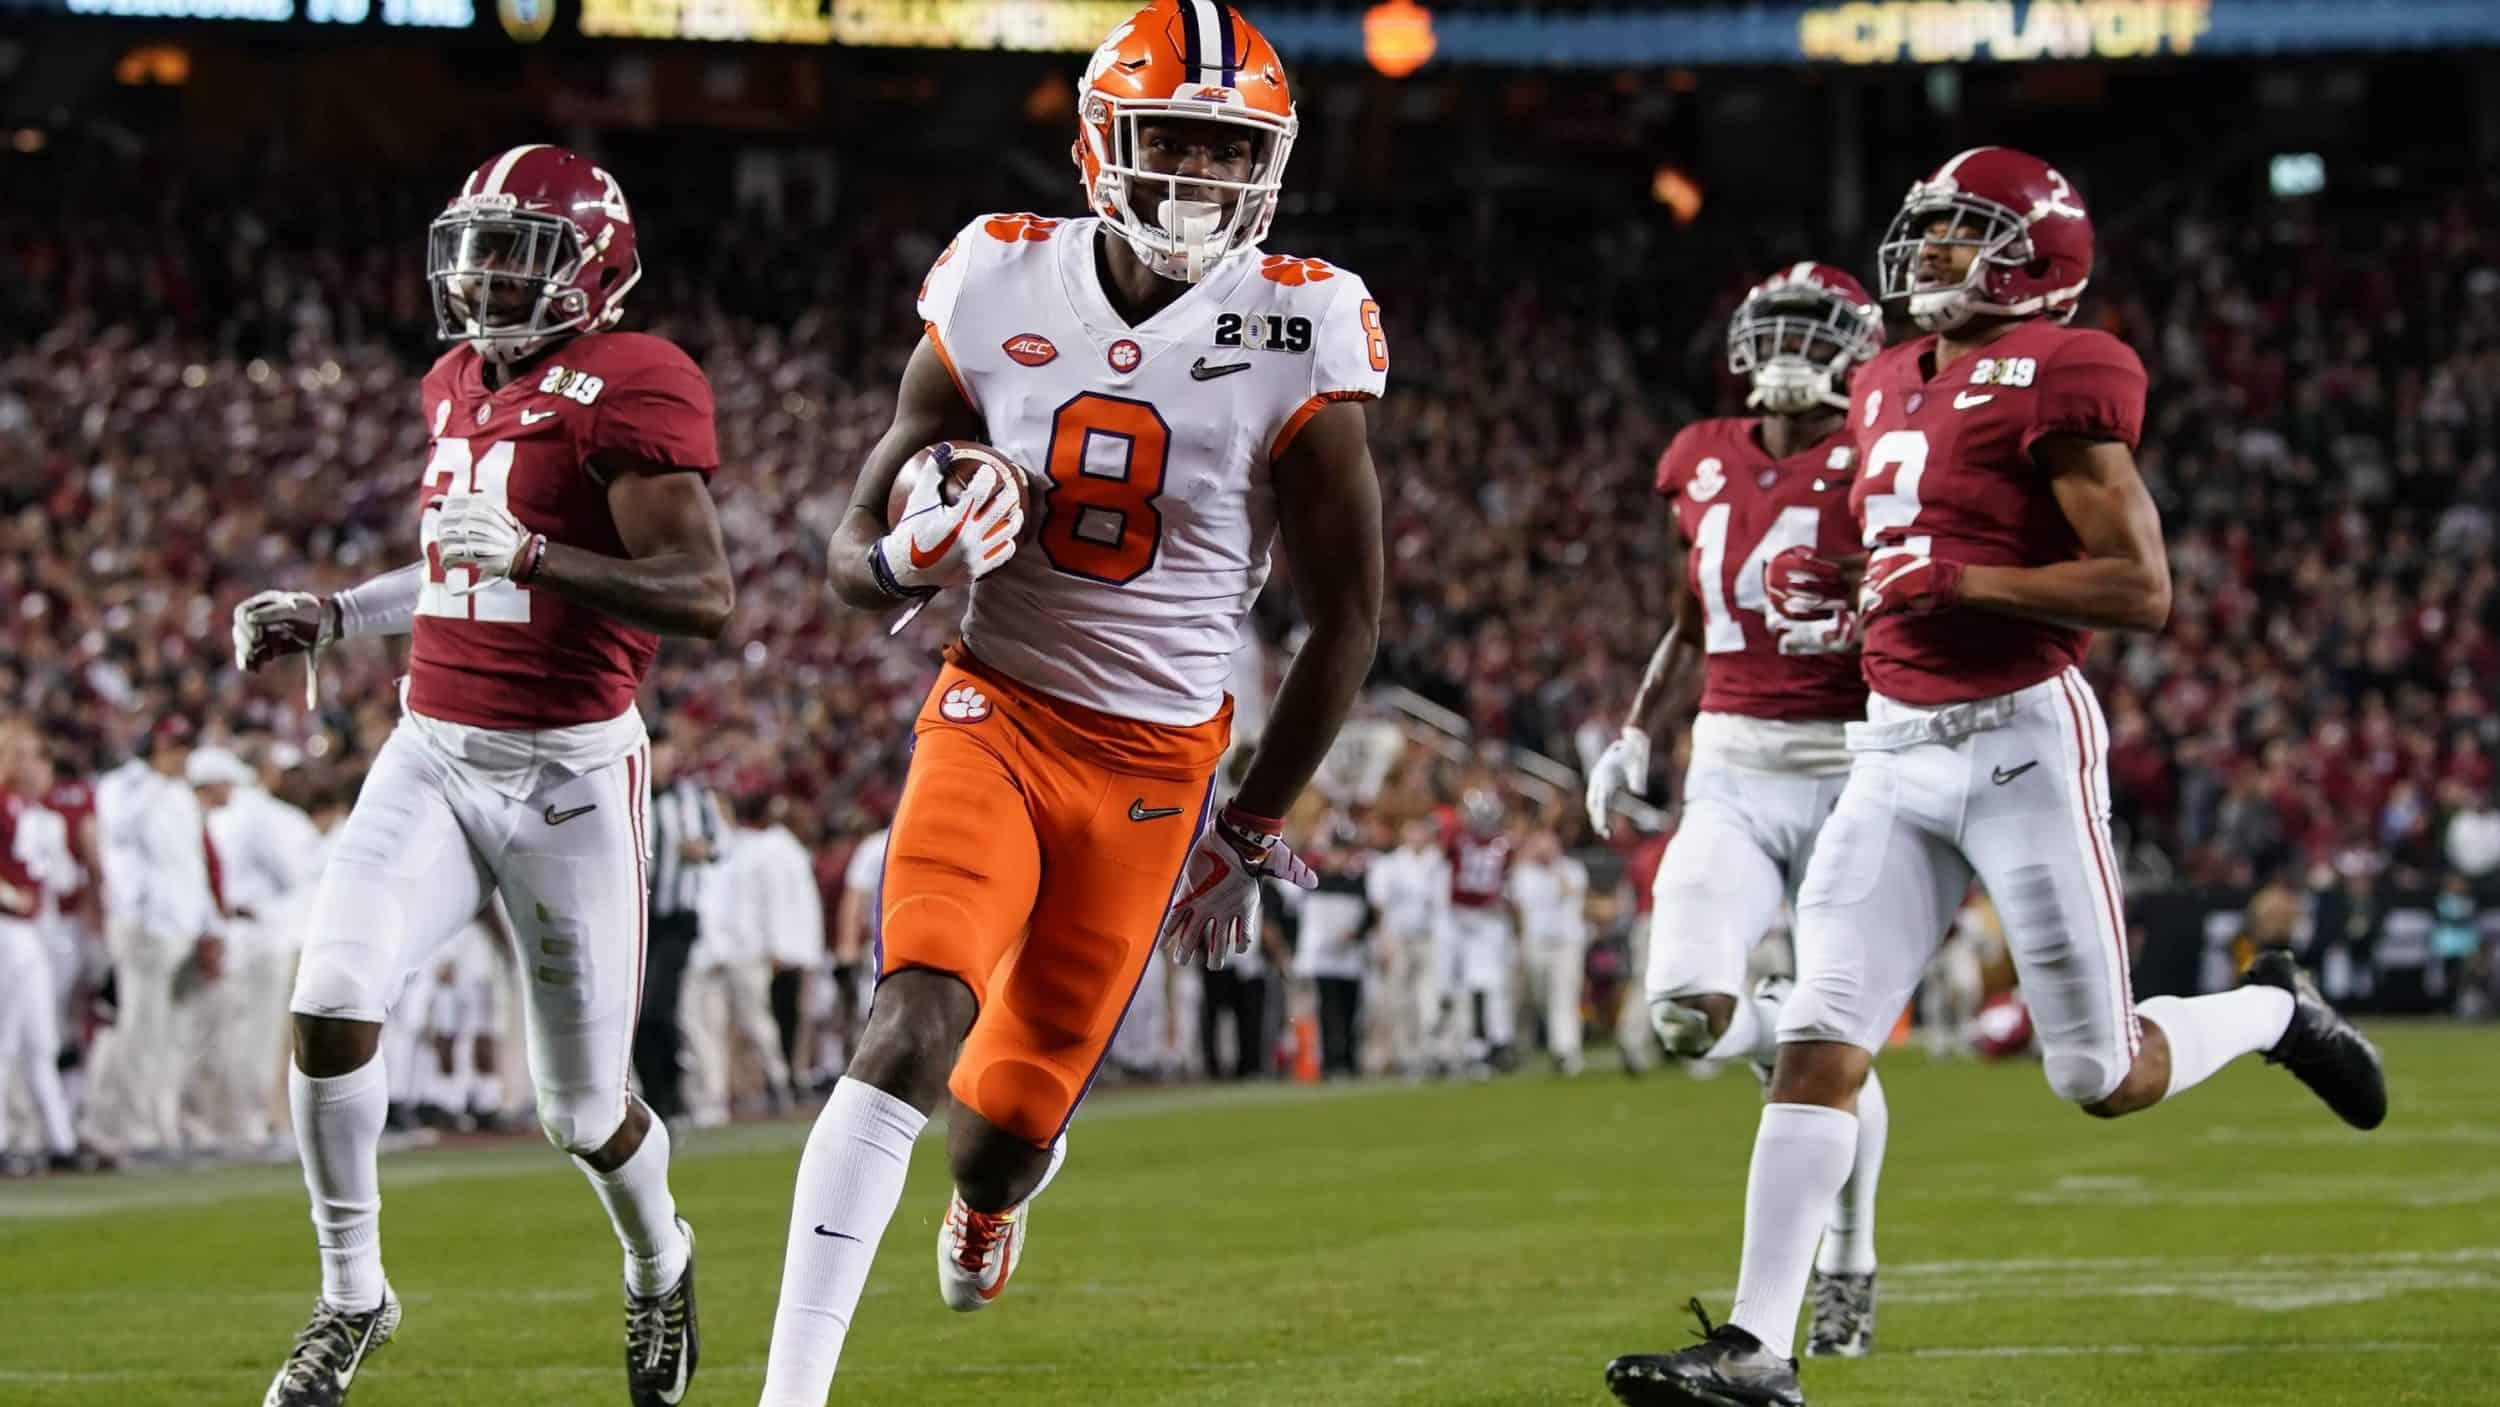 Best Cornerbacks In Nfl 2020 2020 NFL Draft: ACC boasts cornerbacks the NFL will love